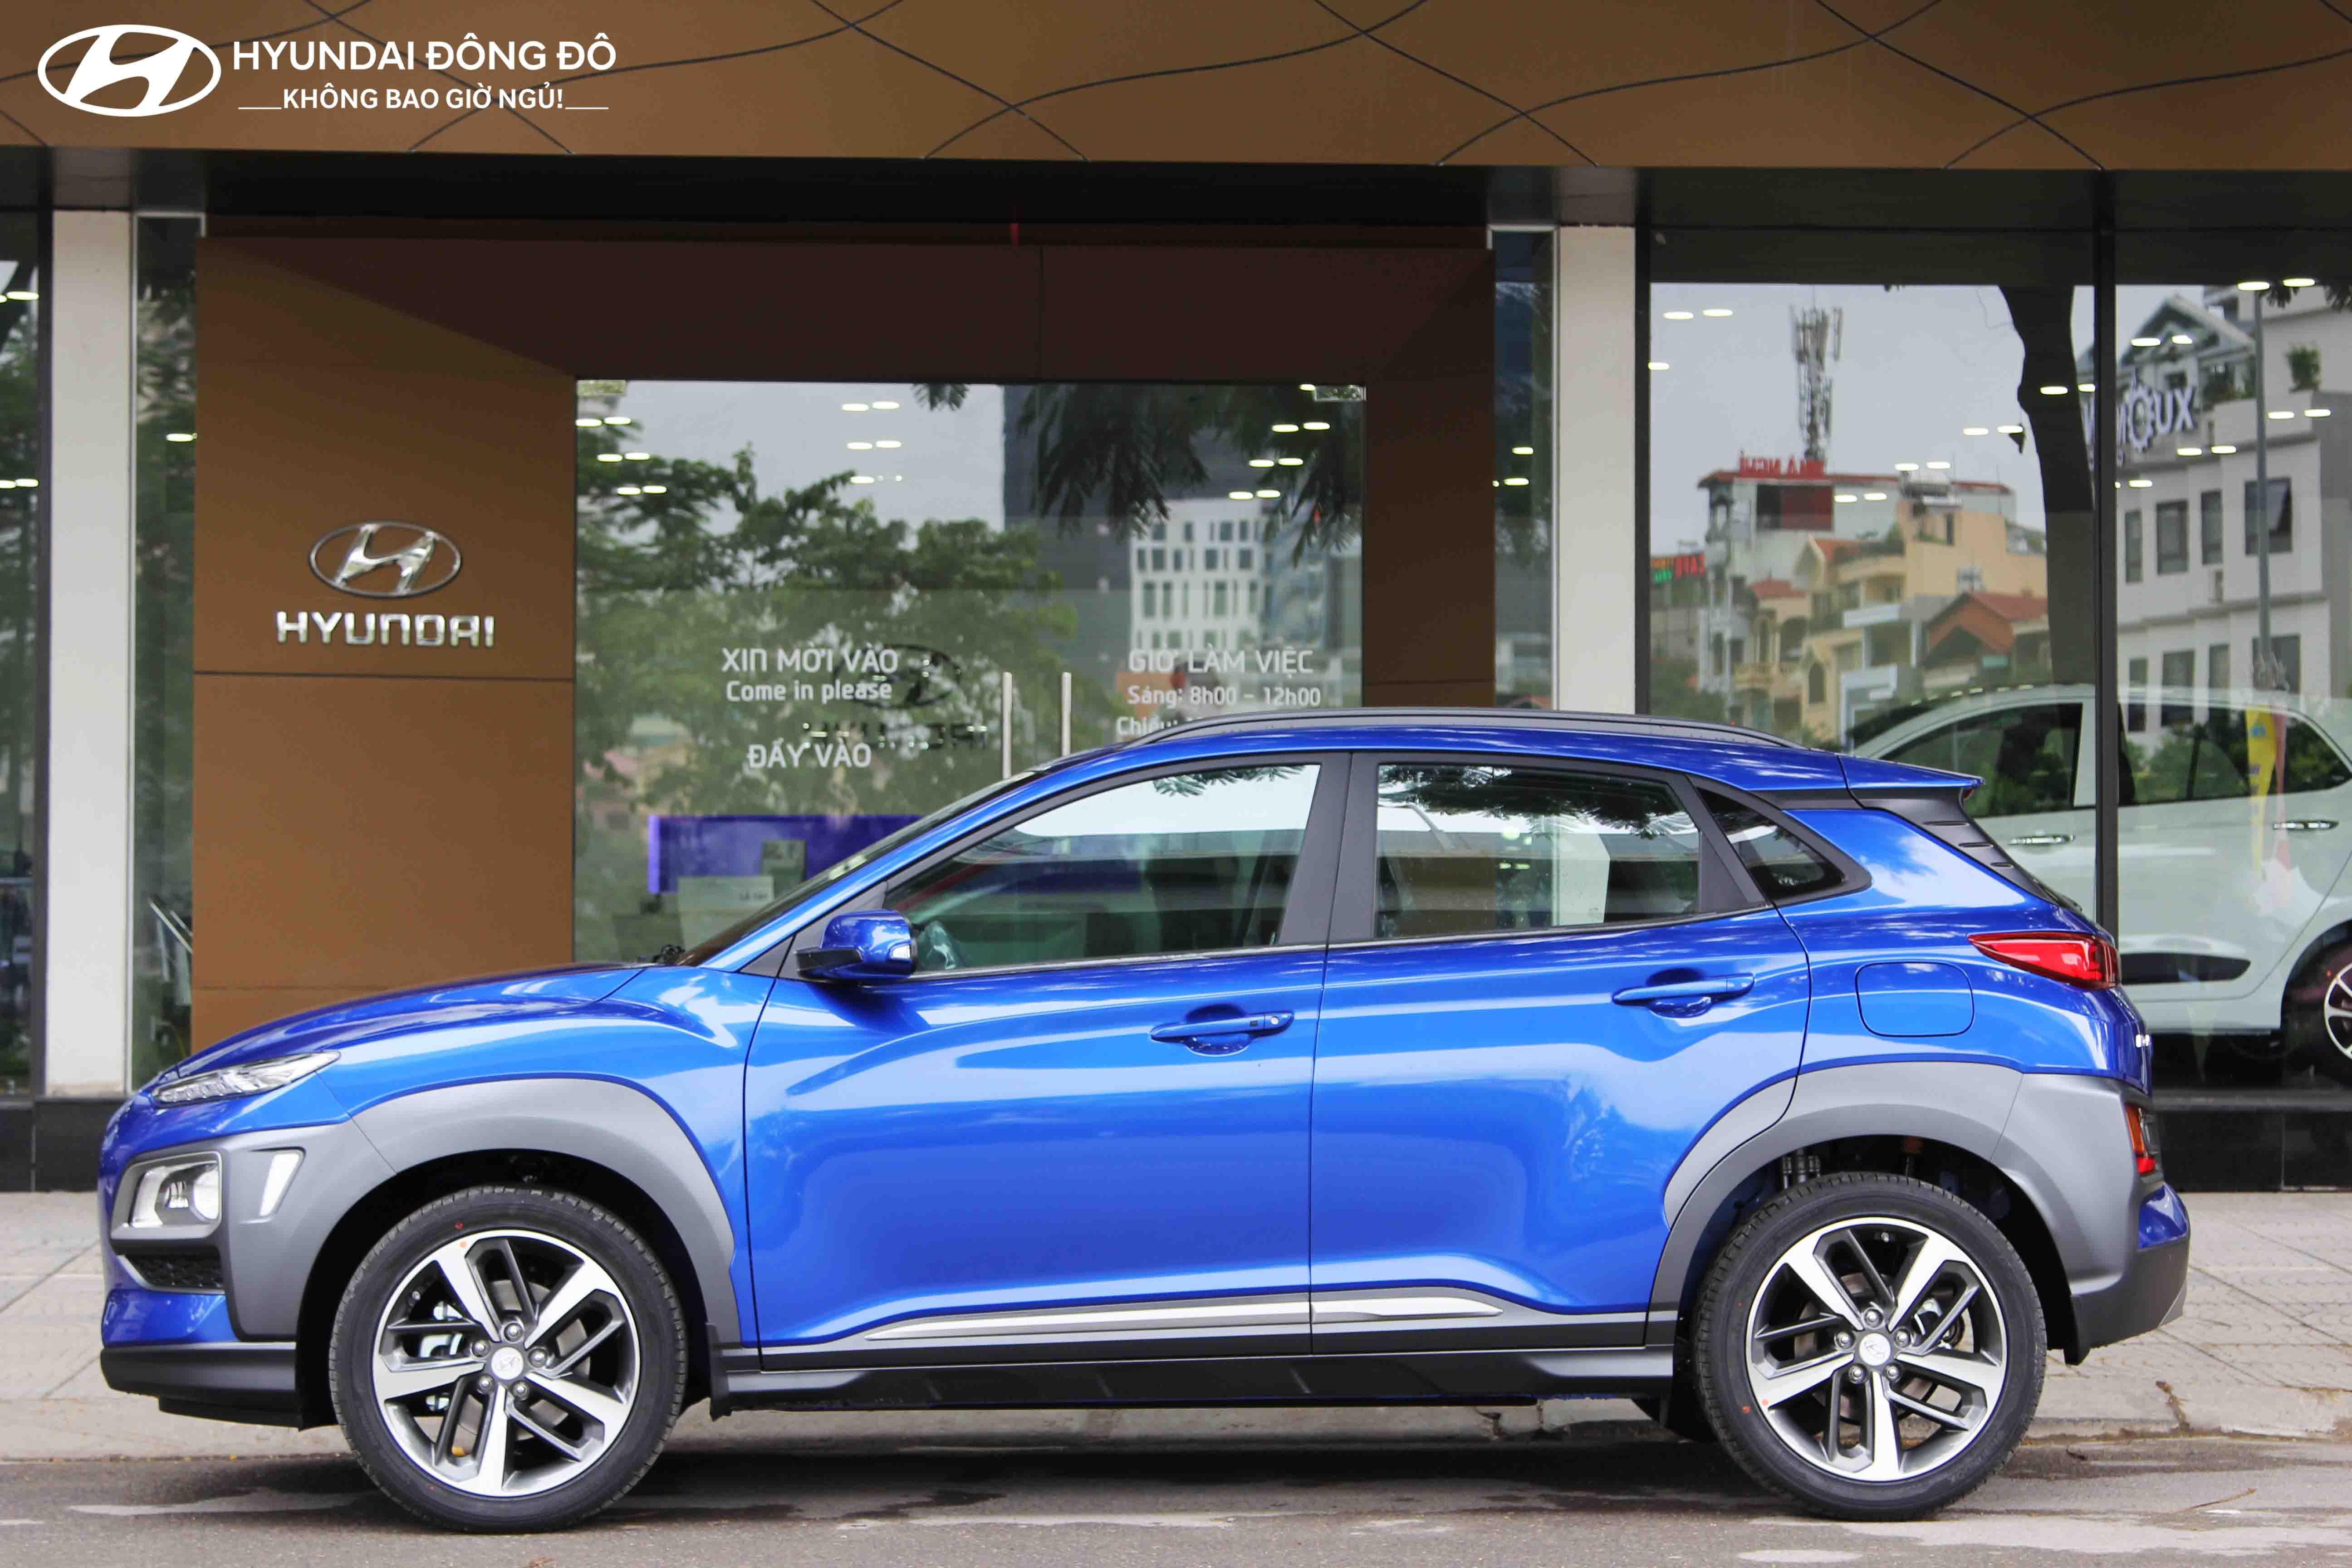 Bán Hyundai Kona 1.6 Turbo Giá Tốt Nhất Thị Trường Xe Có Sẵn Giao Ngay!